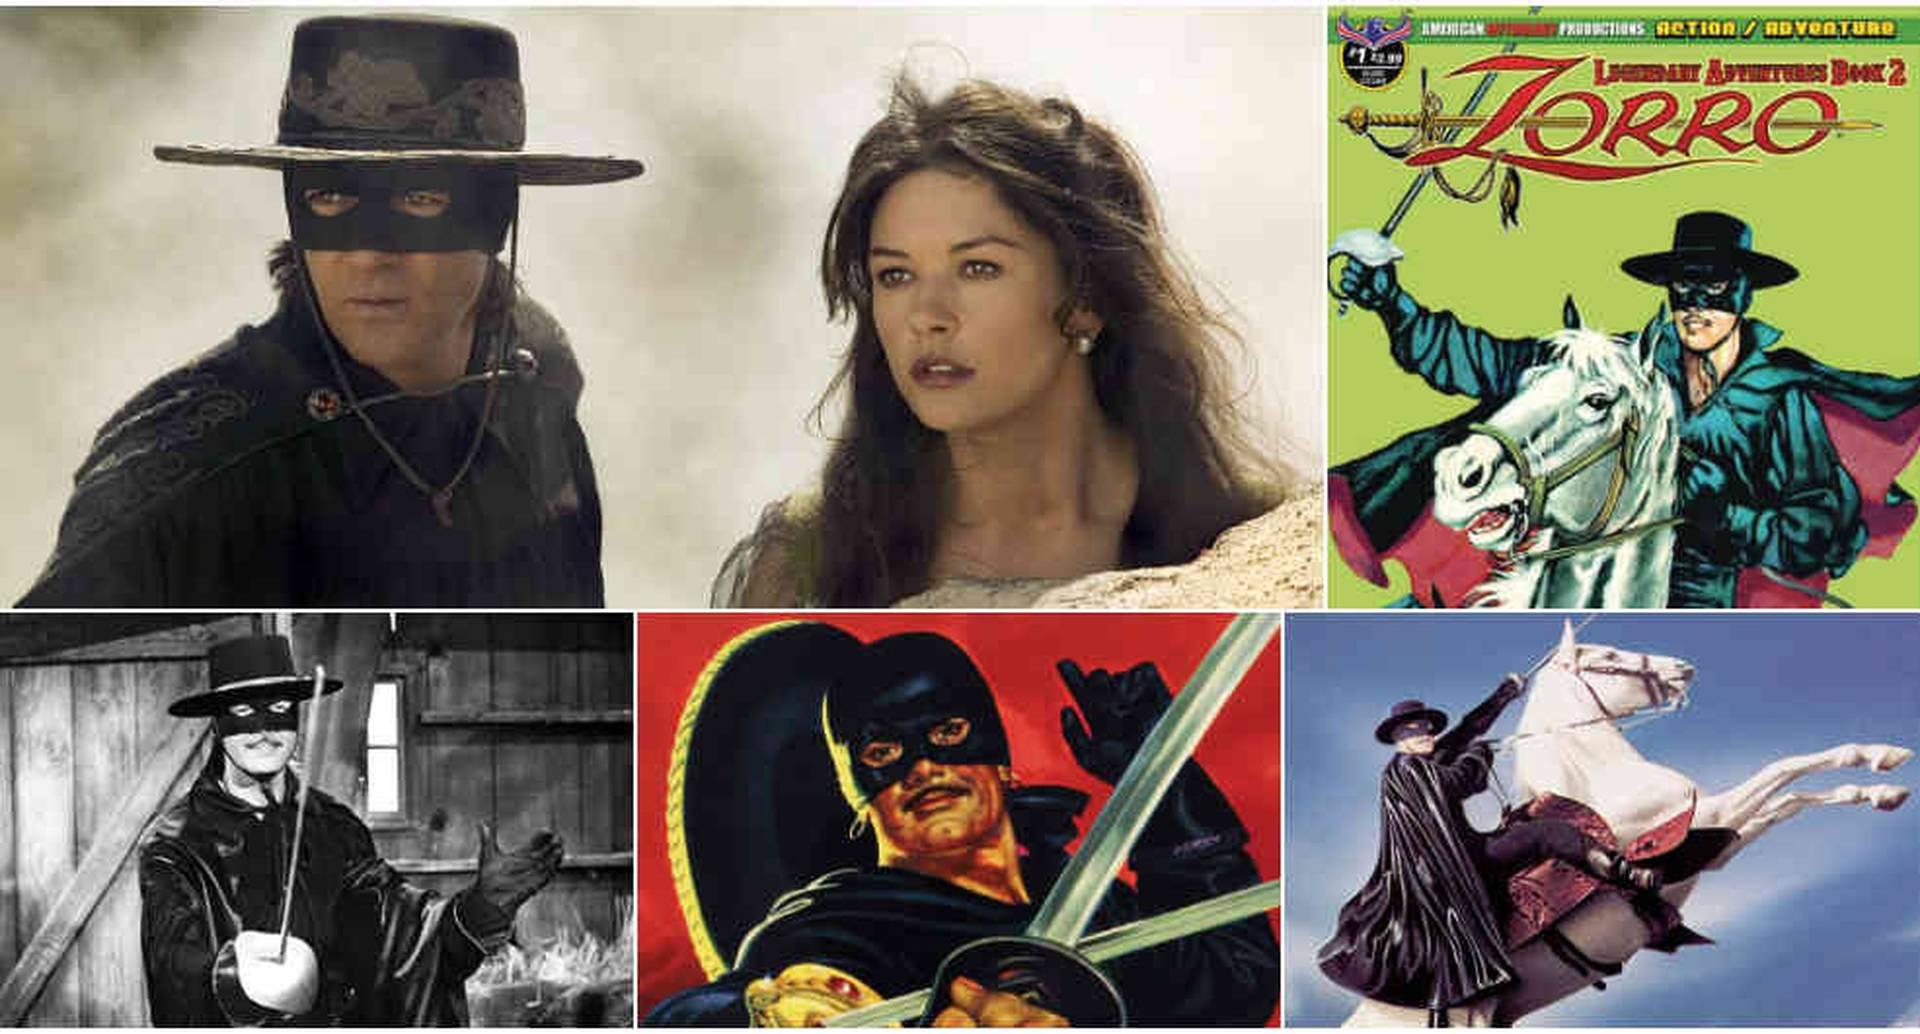 En estos 100 años, El Zorro ha sido adaptado al cómic, a la televisión y al cine varias veces.